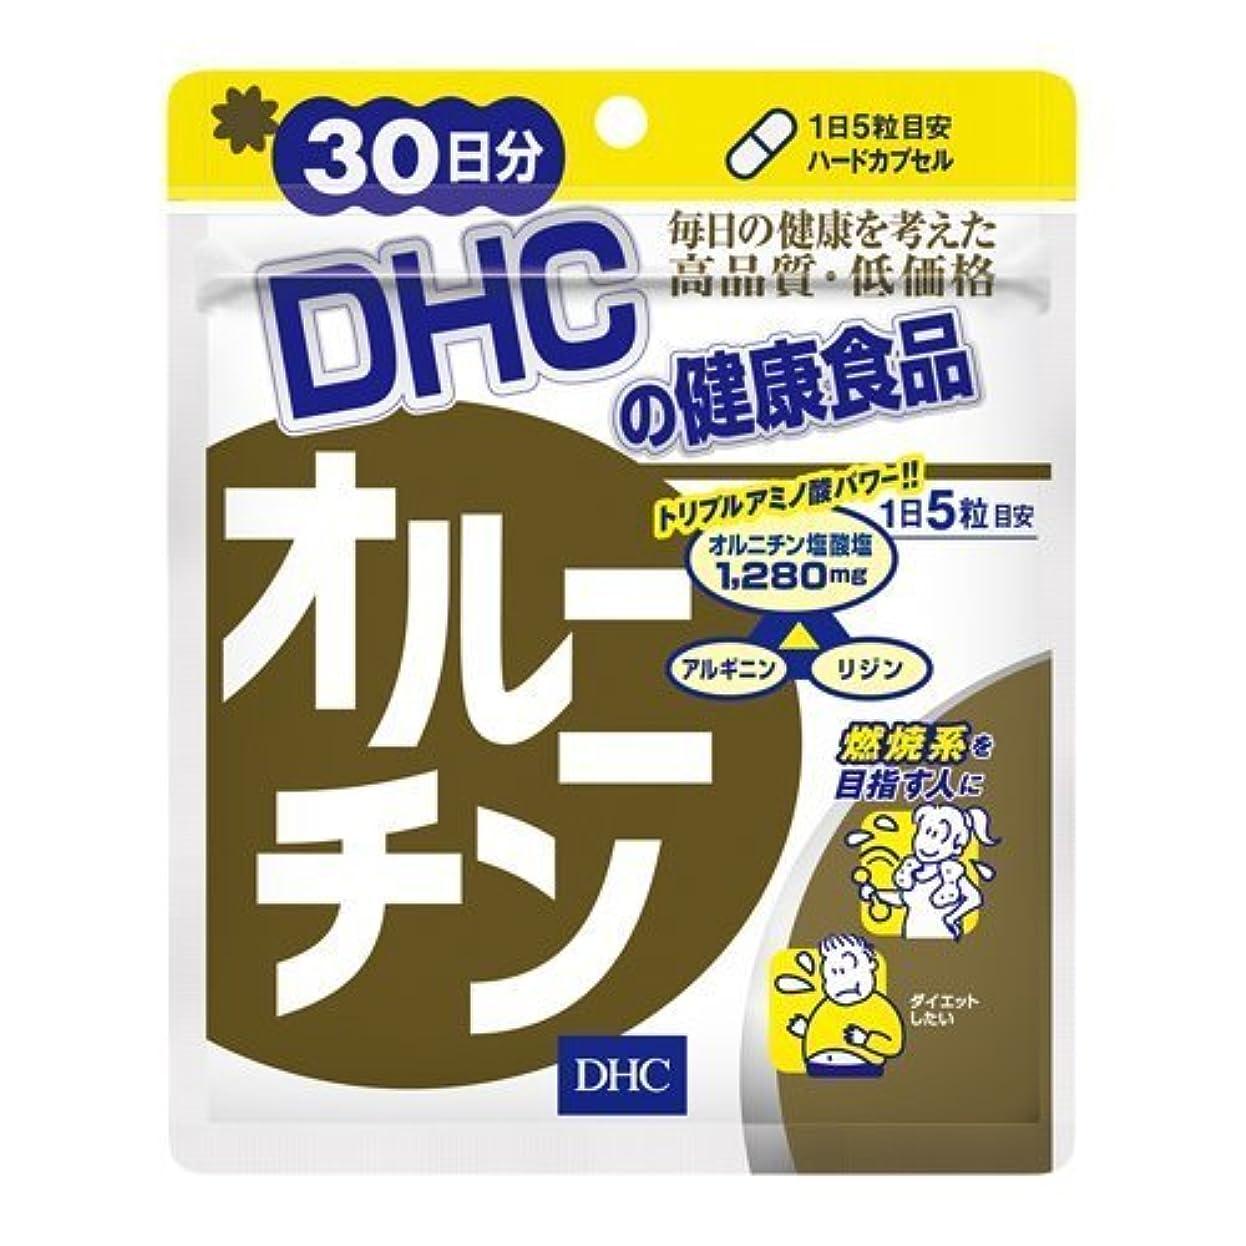 インポートハム可聴DHC オルニチン 30日分